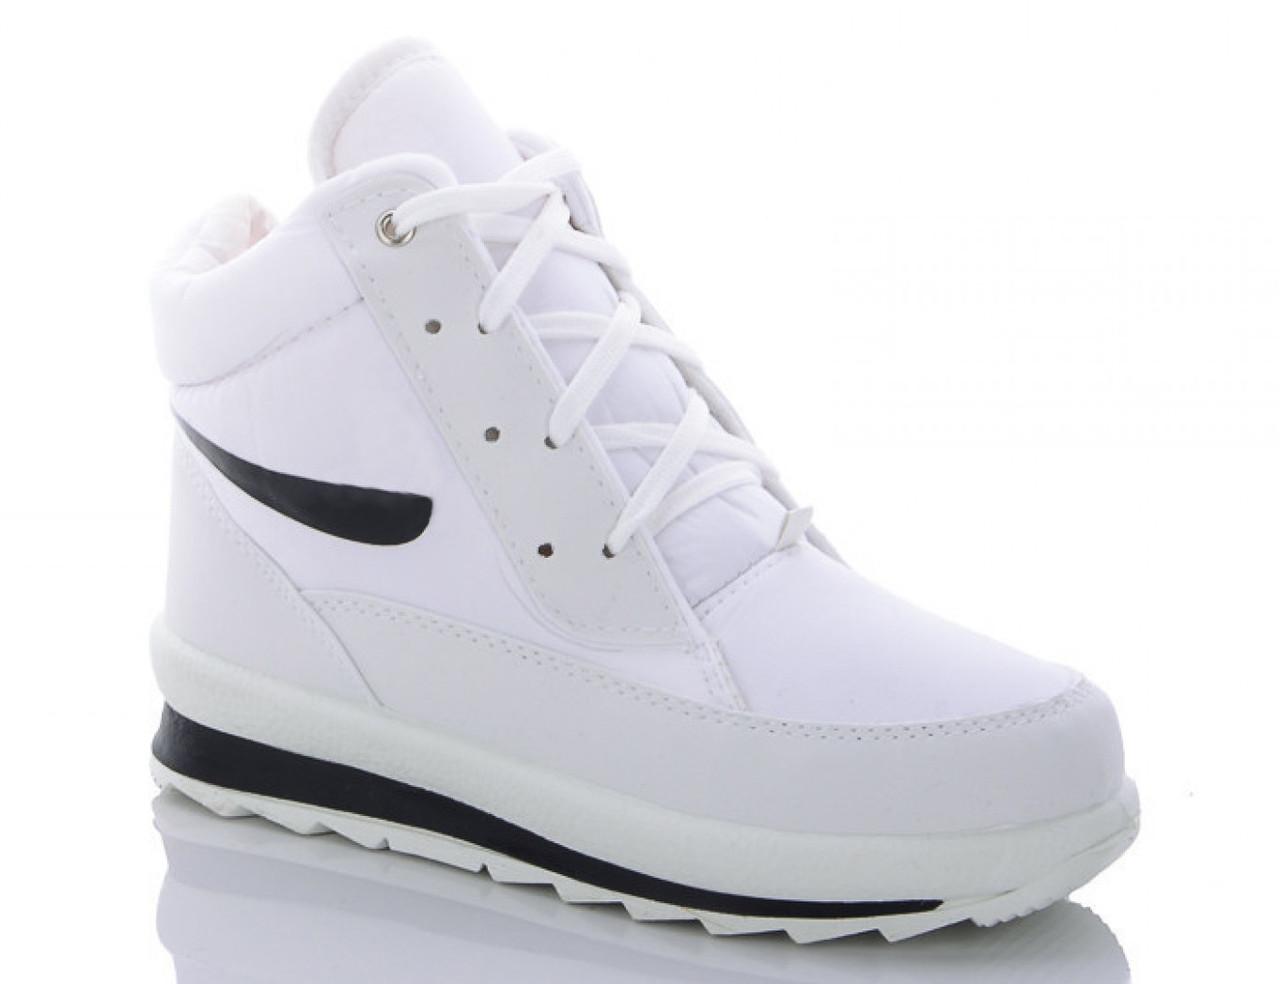 Женские зимние кроссовки BR-S высокие белые 41 р. - 25 см 1258343820